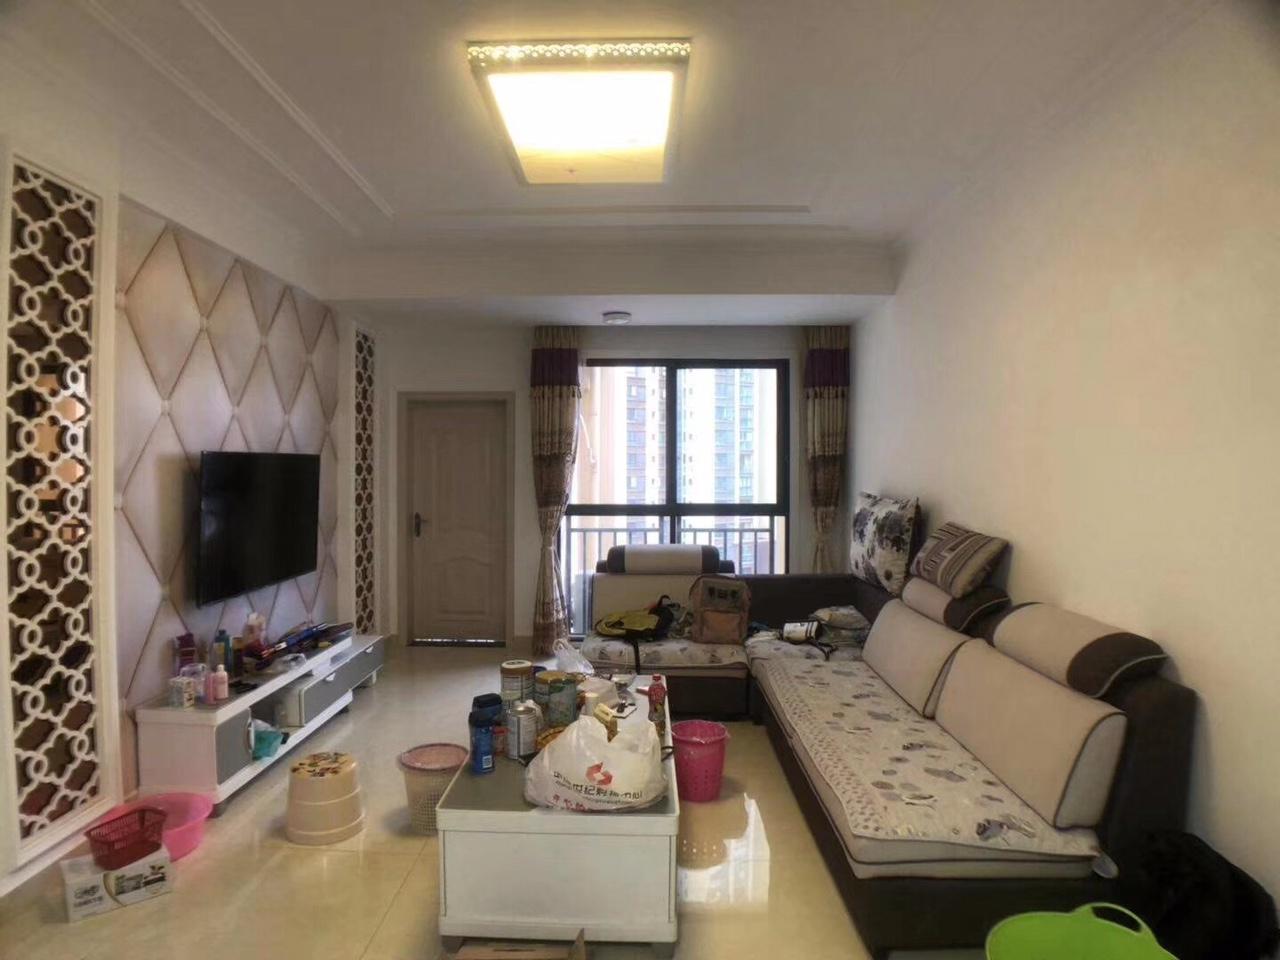 富红·水晶郦城3室 1厅 1卫46万元